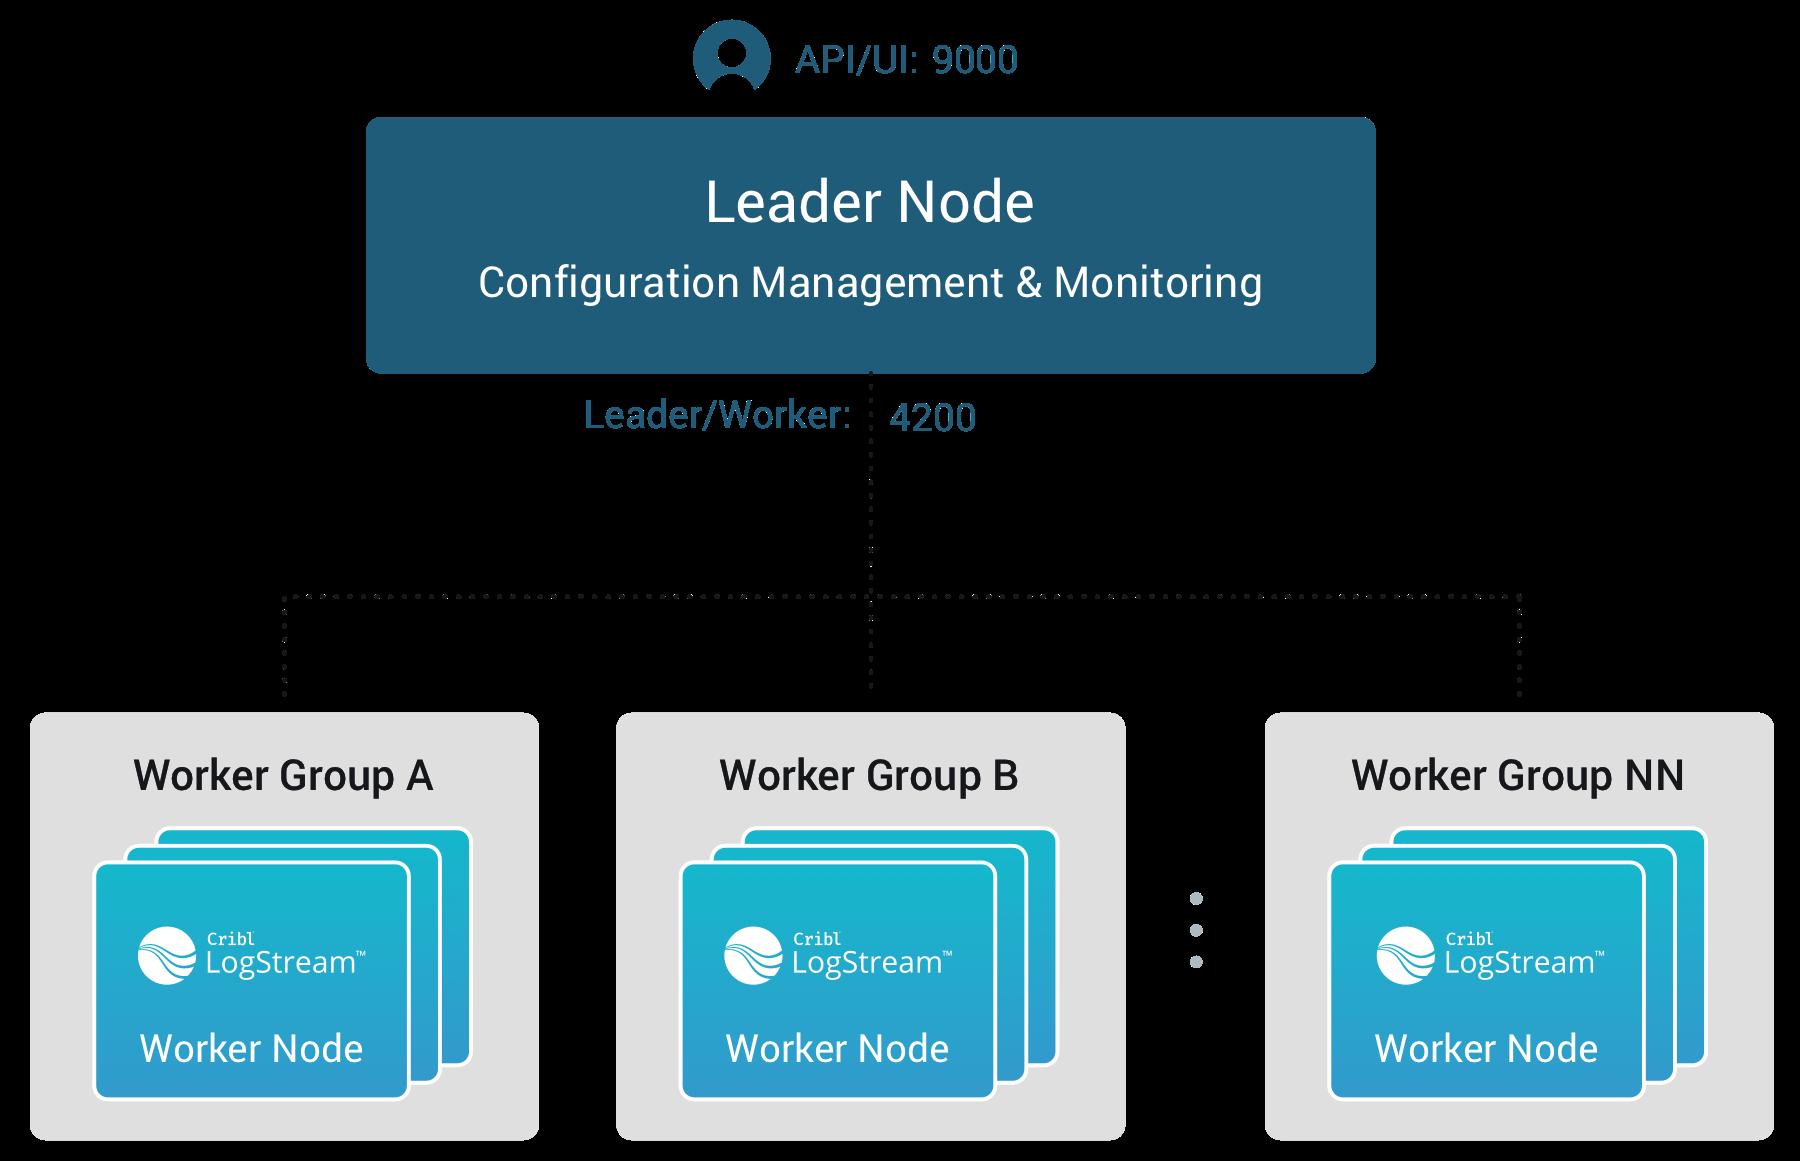 Leader Node/Worker Nodes relationship